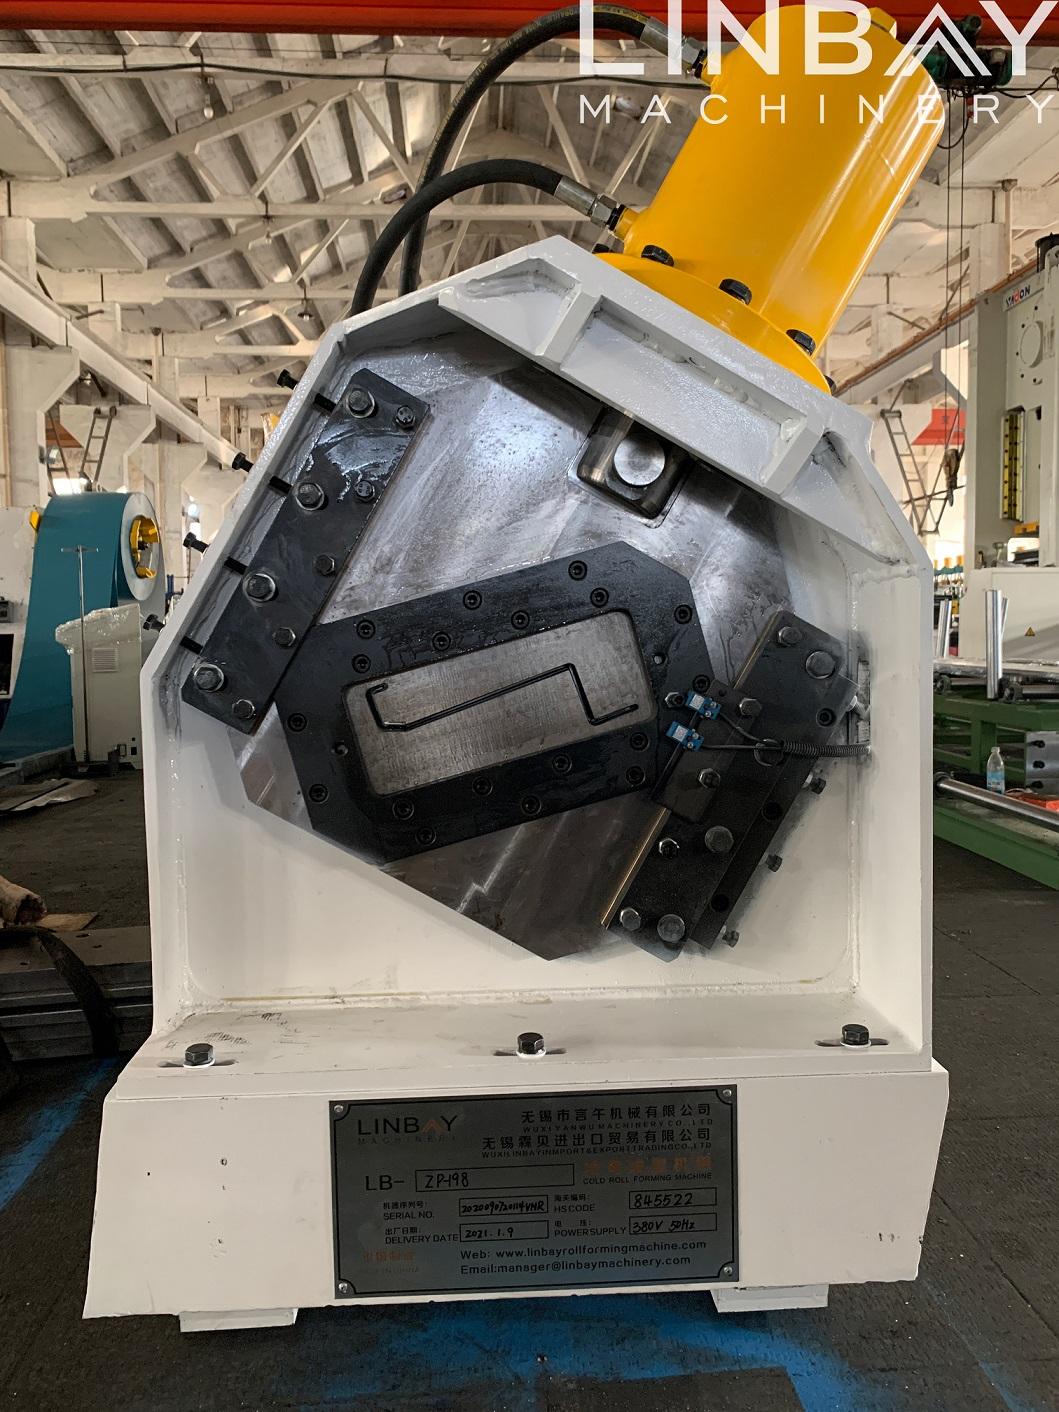 LINBAY – Exportación de la máquina perfiladora de racks industriales de perfil Z a Vietnam